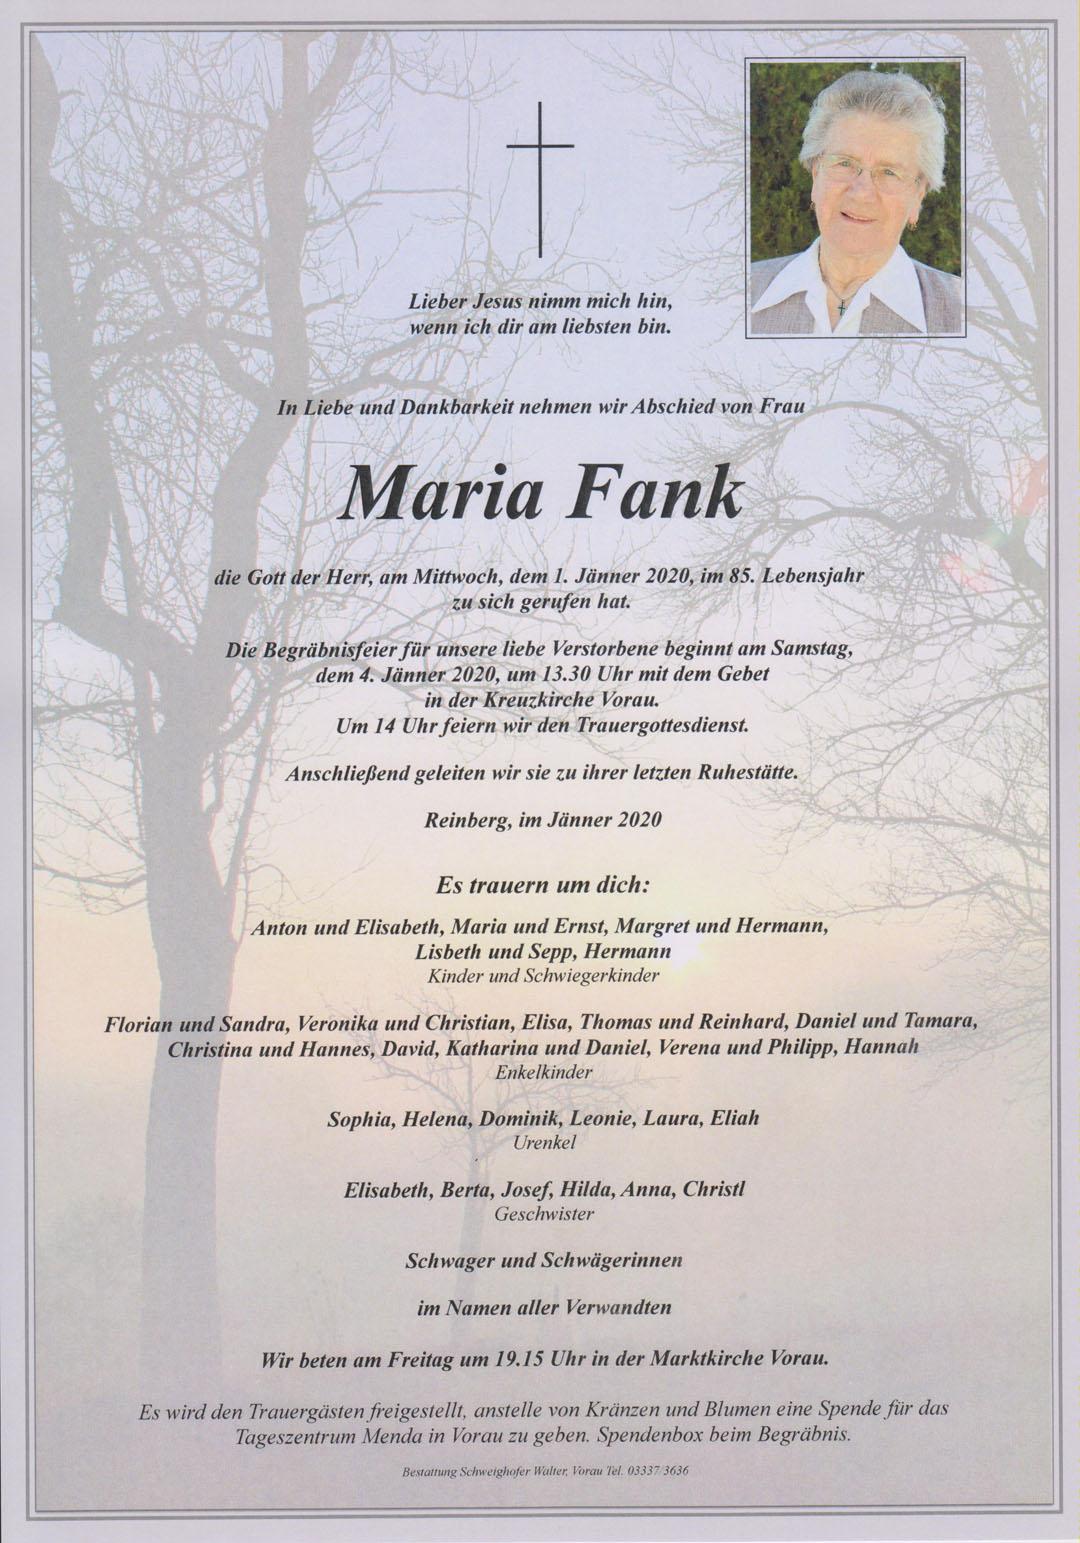 Maria Fank